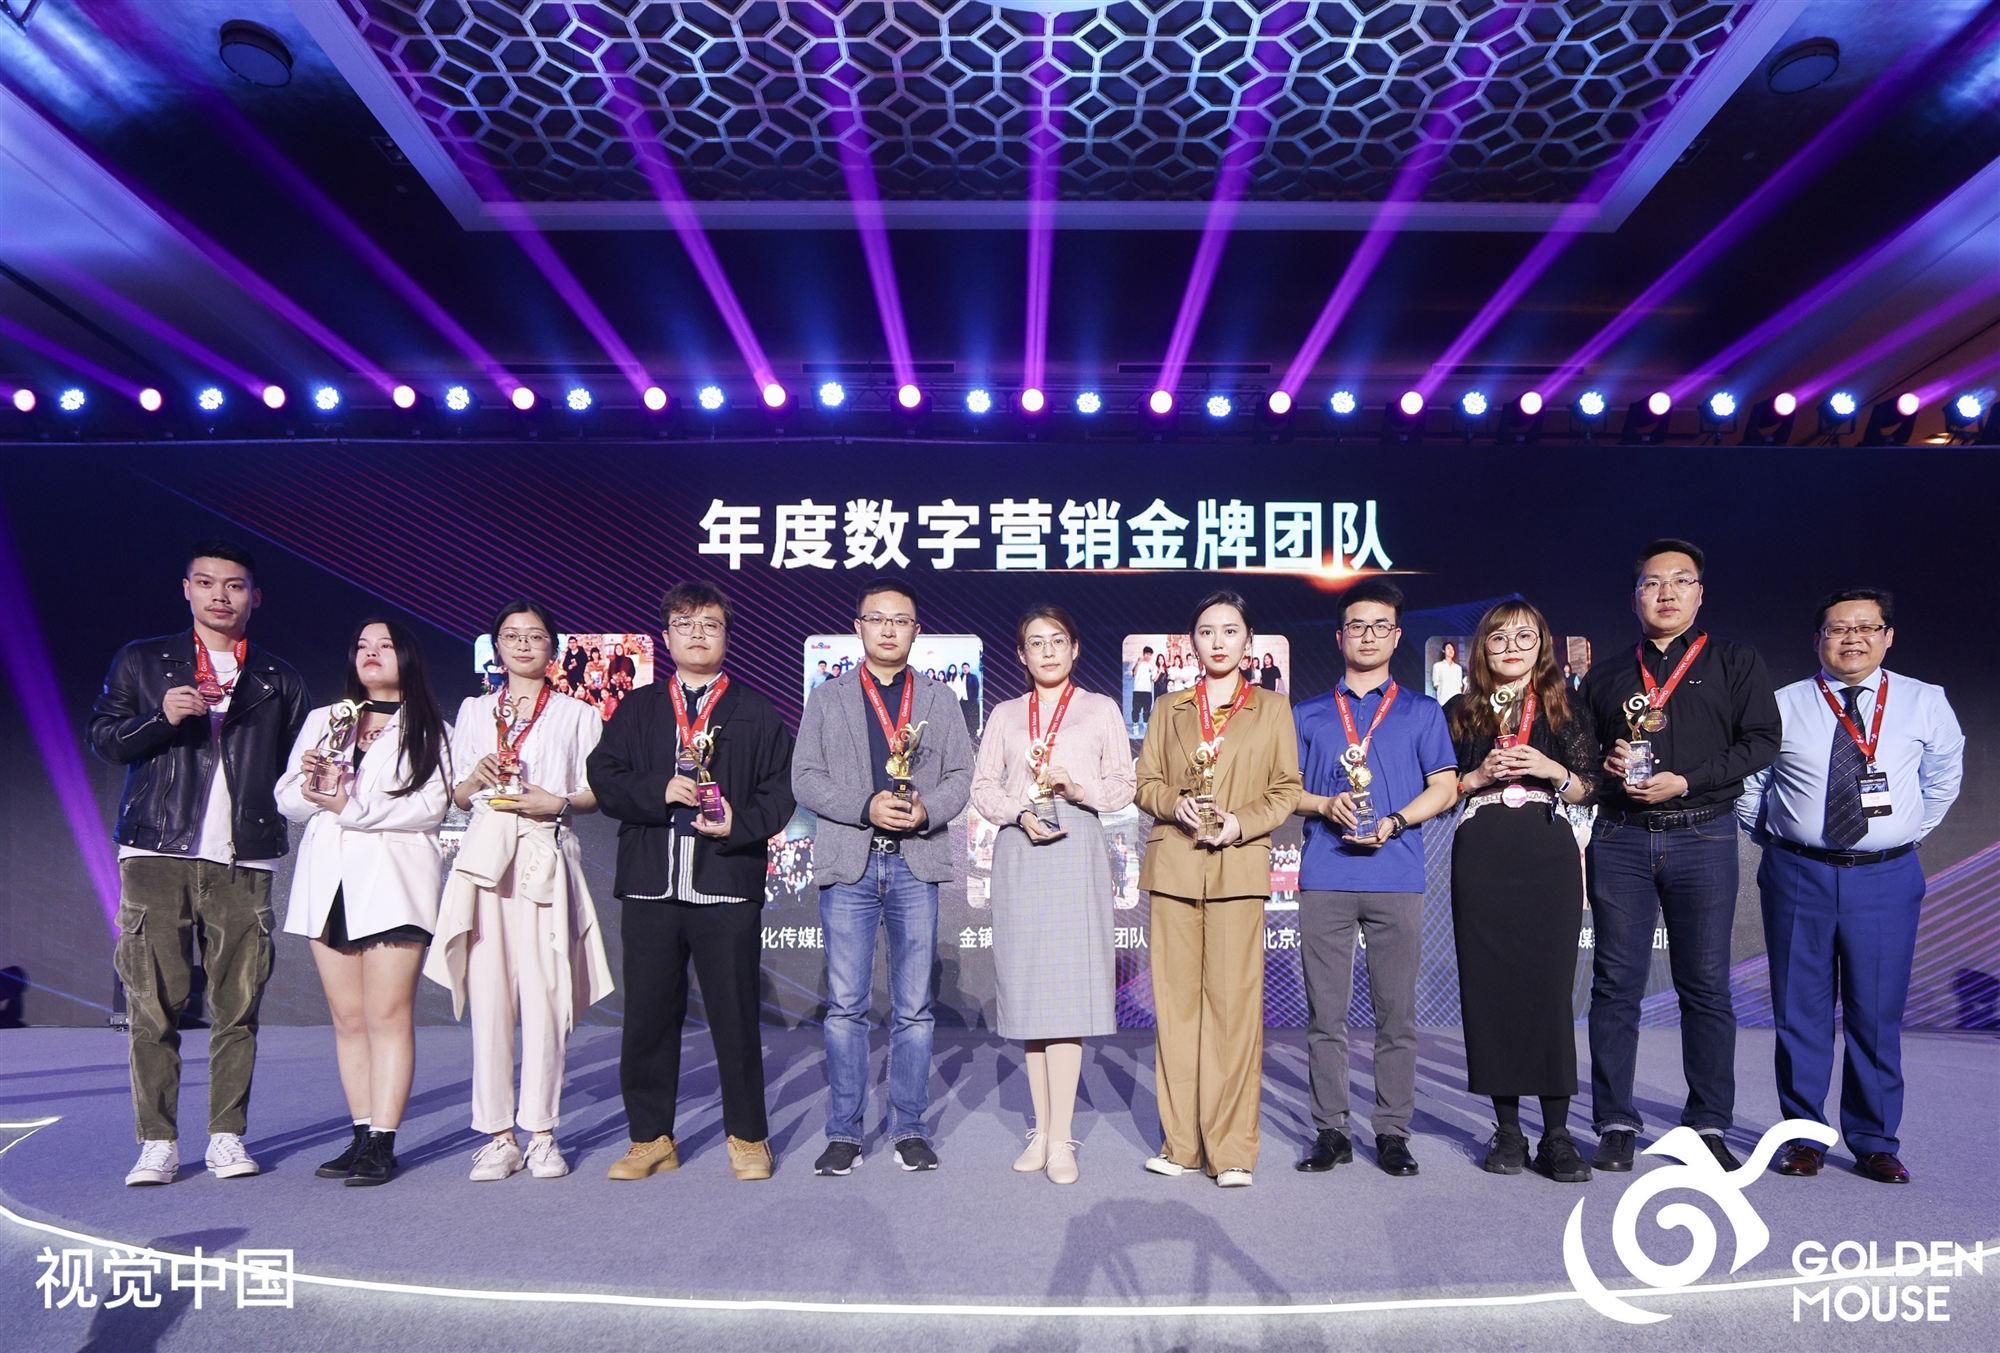 猎豹移动荣获第十二届金鼠标数字营销大赛双料大奖!